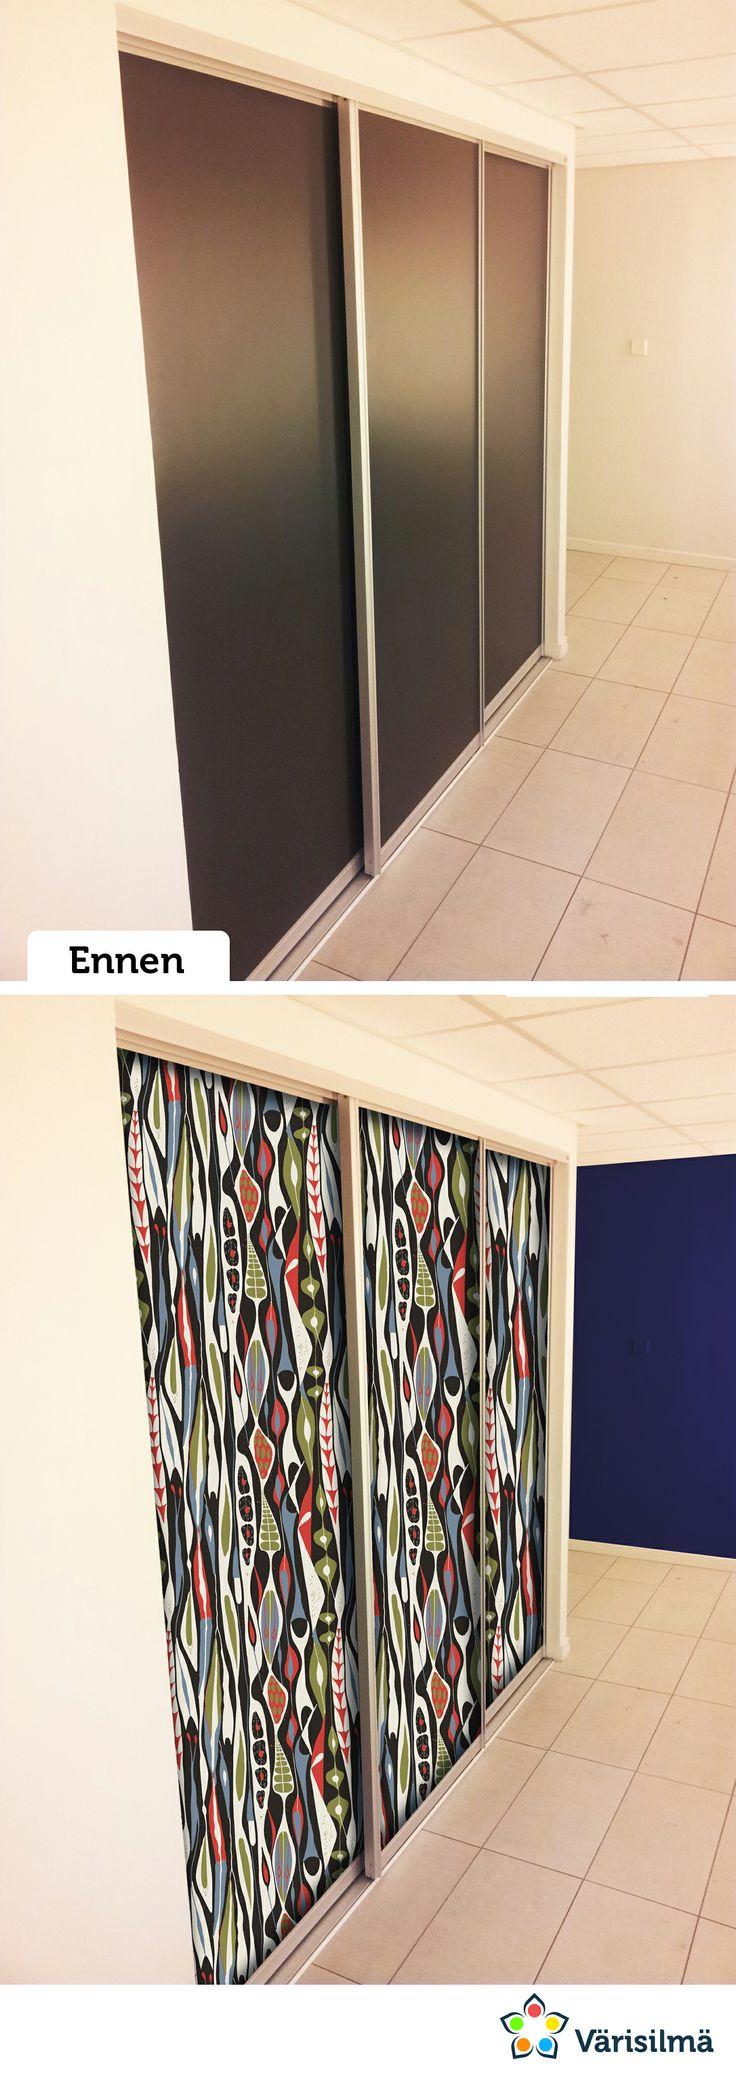 Tapettina Wallpapers by Scandinavian Designers, malli 2757. Päätyseinän maalina Lumo Muste. kauppa.varisilma.fi #varisilmamakeover